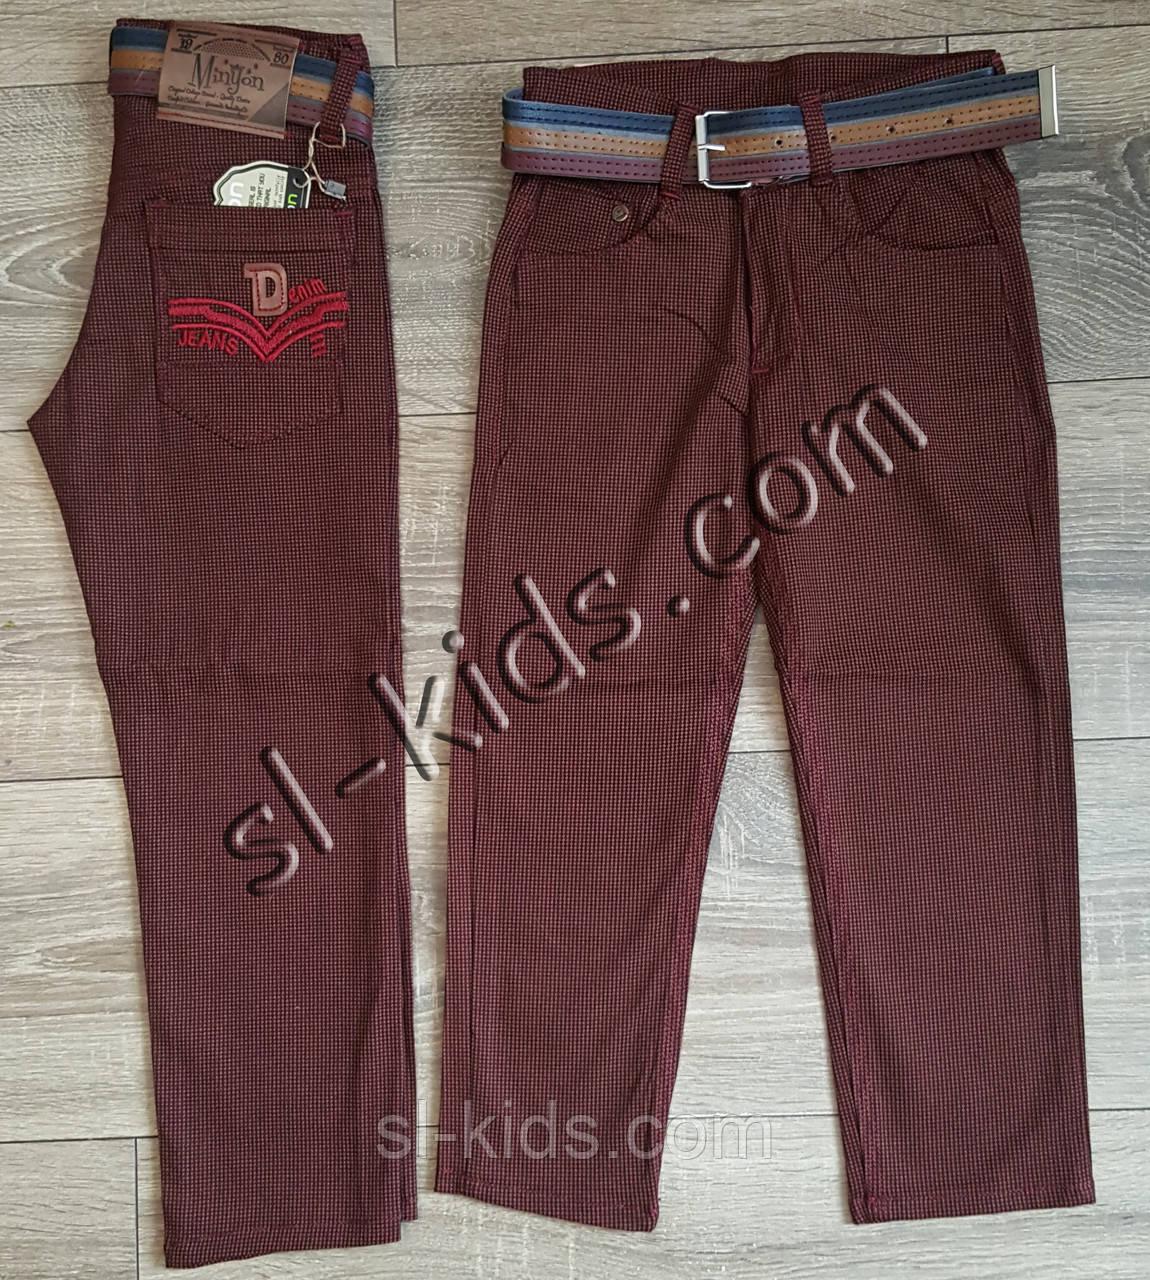 Яскраві штани,джинси для хлопчика 3-7 років(ромб бордові) опт пр. Туреччина